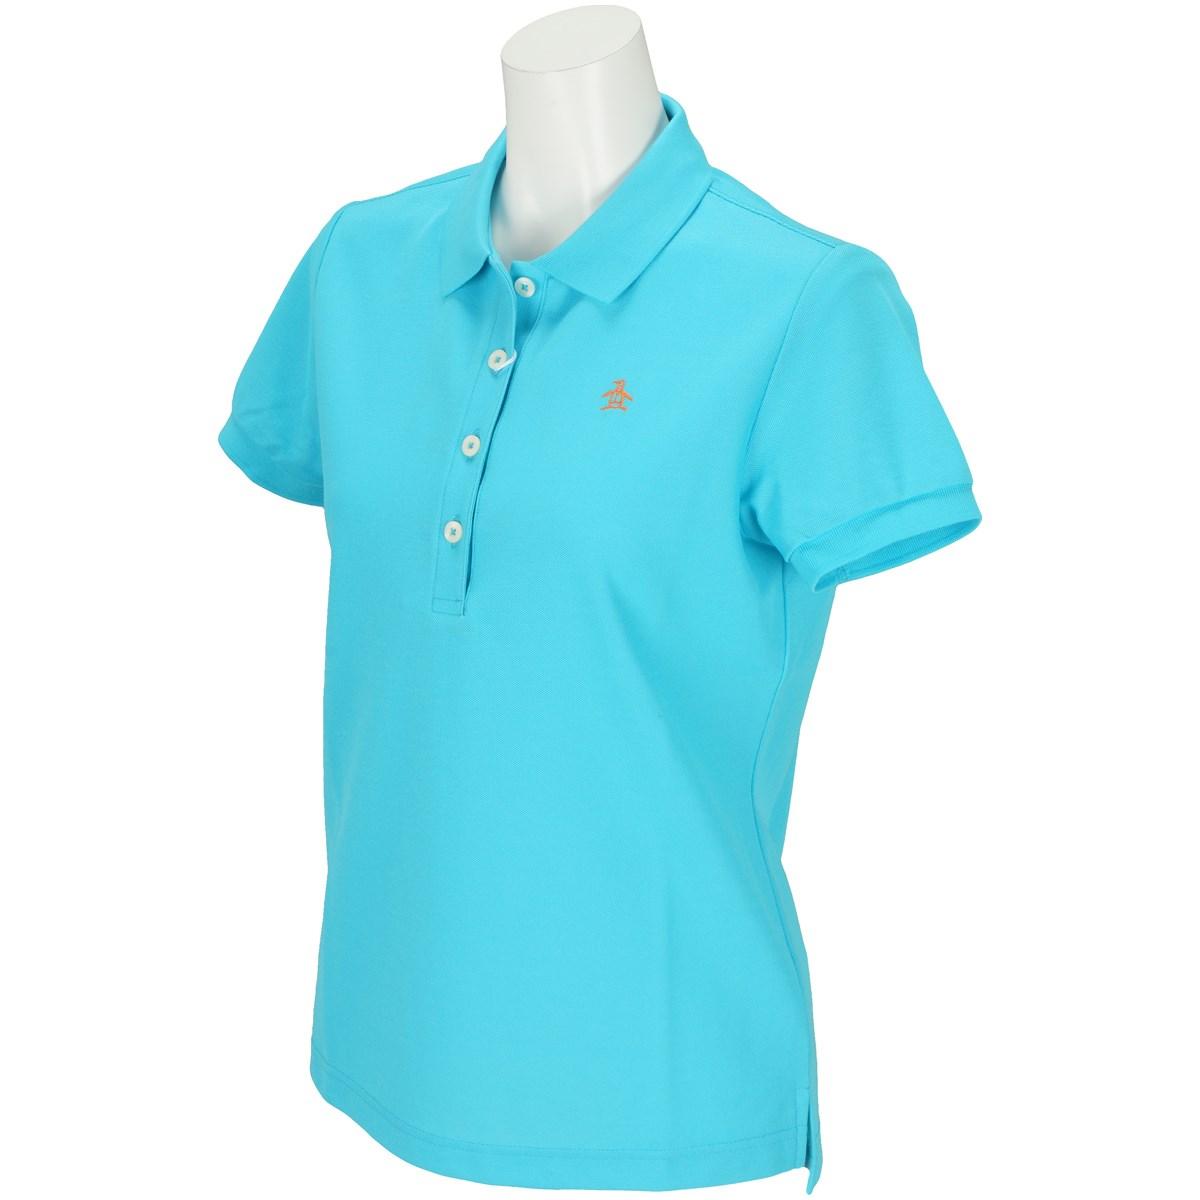 マンシングウェア Munsingwear 半袖ポロシャツ M ターコイズ B637 レディス